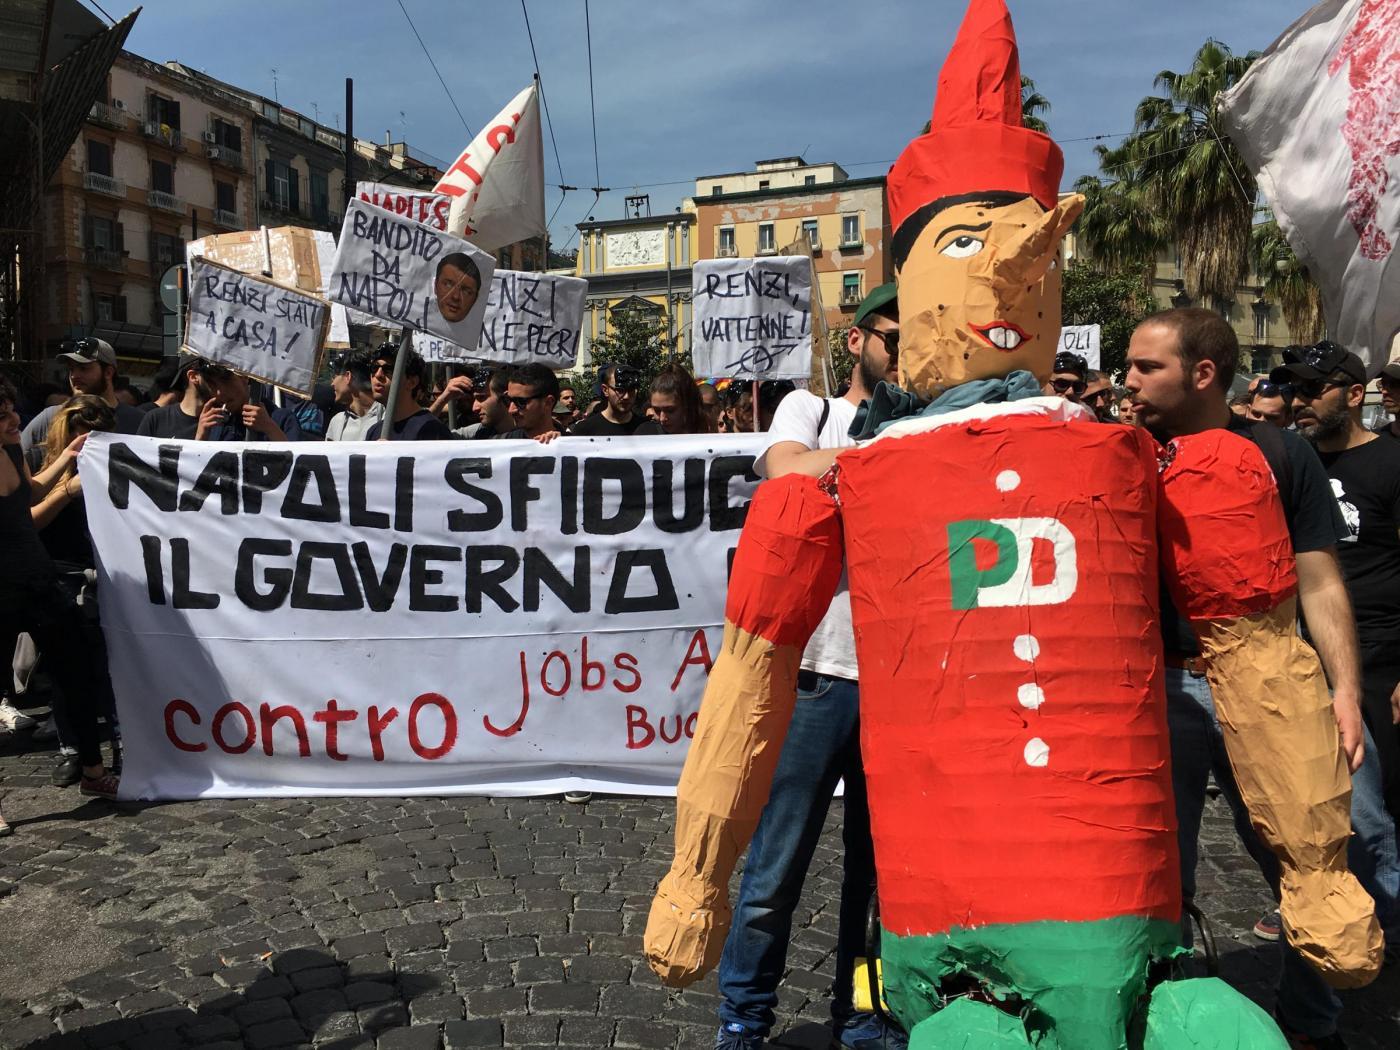 Renzi a Napoli, tensioni e scontri in città